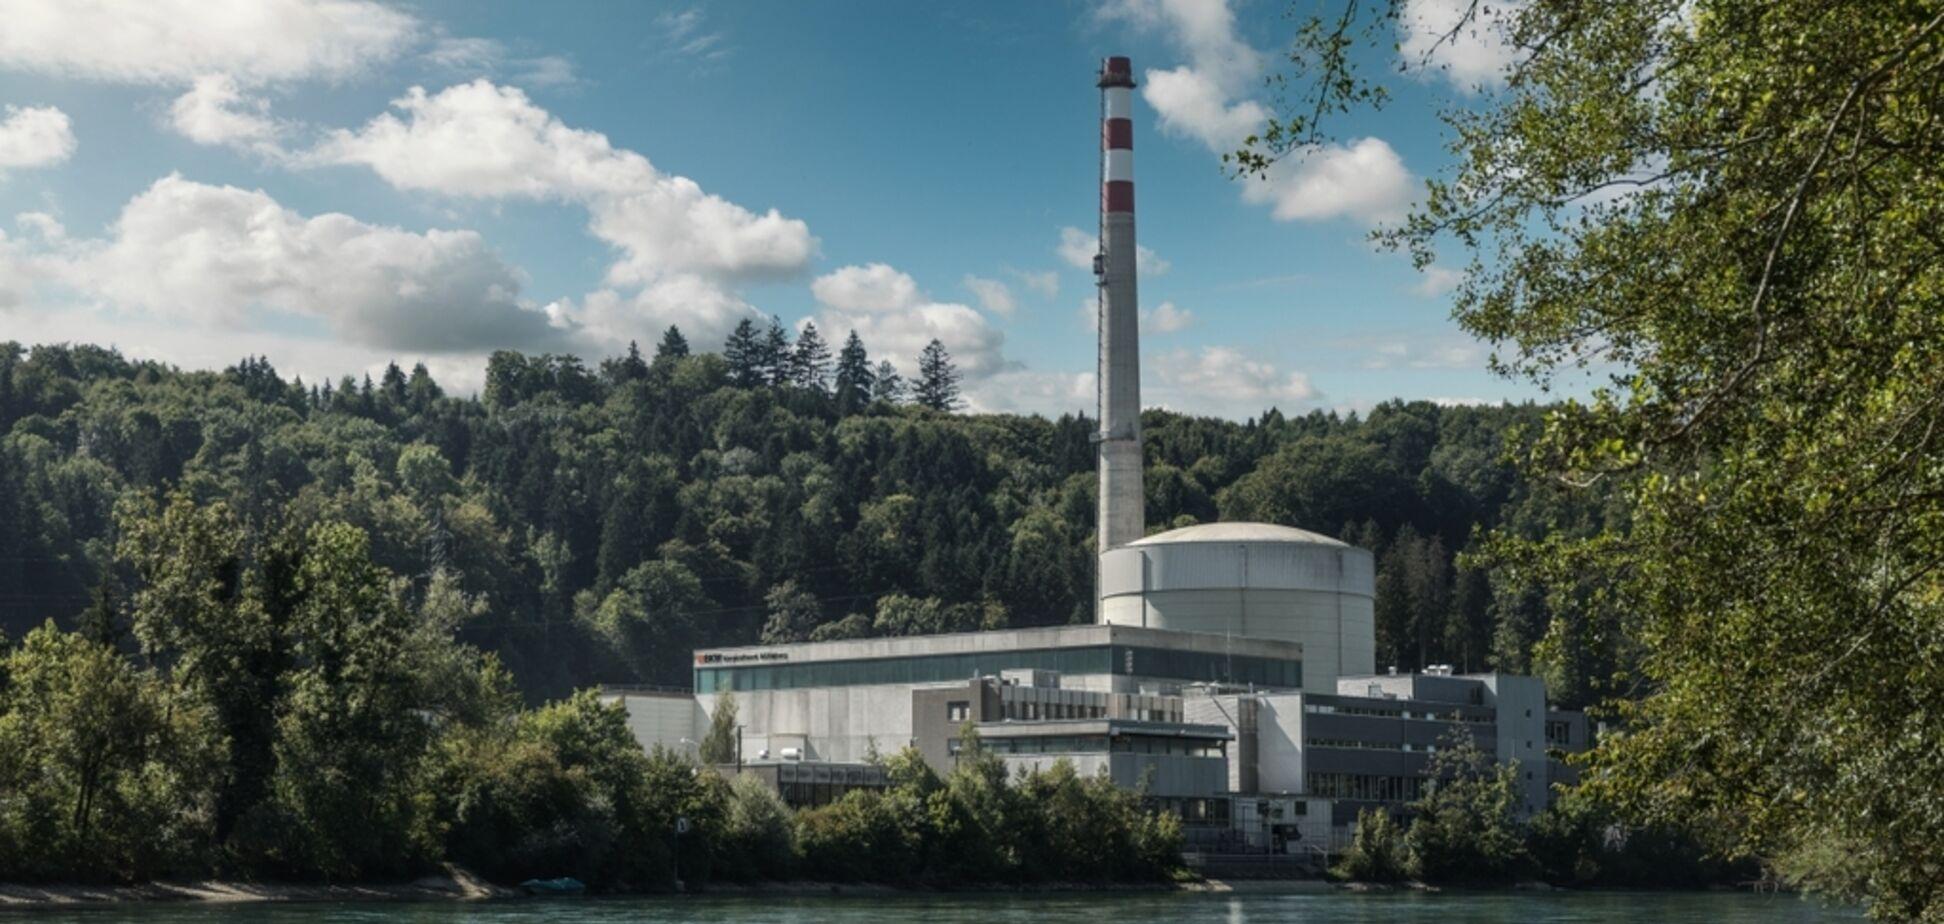 Швейцария 'приговорила' ядерную энергетику: власти пошли на радикальный шаг